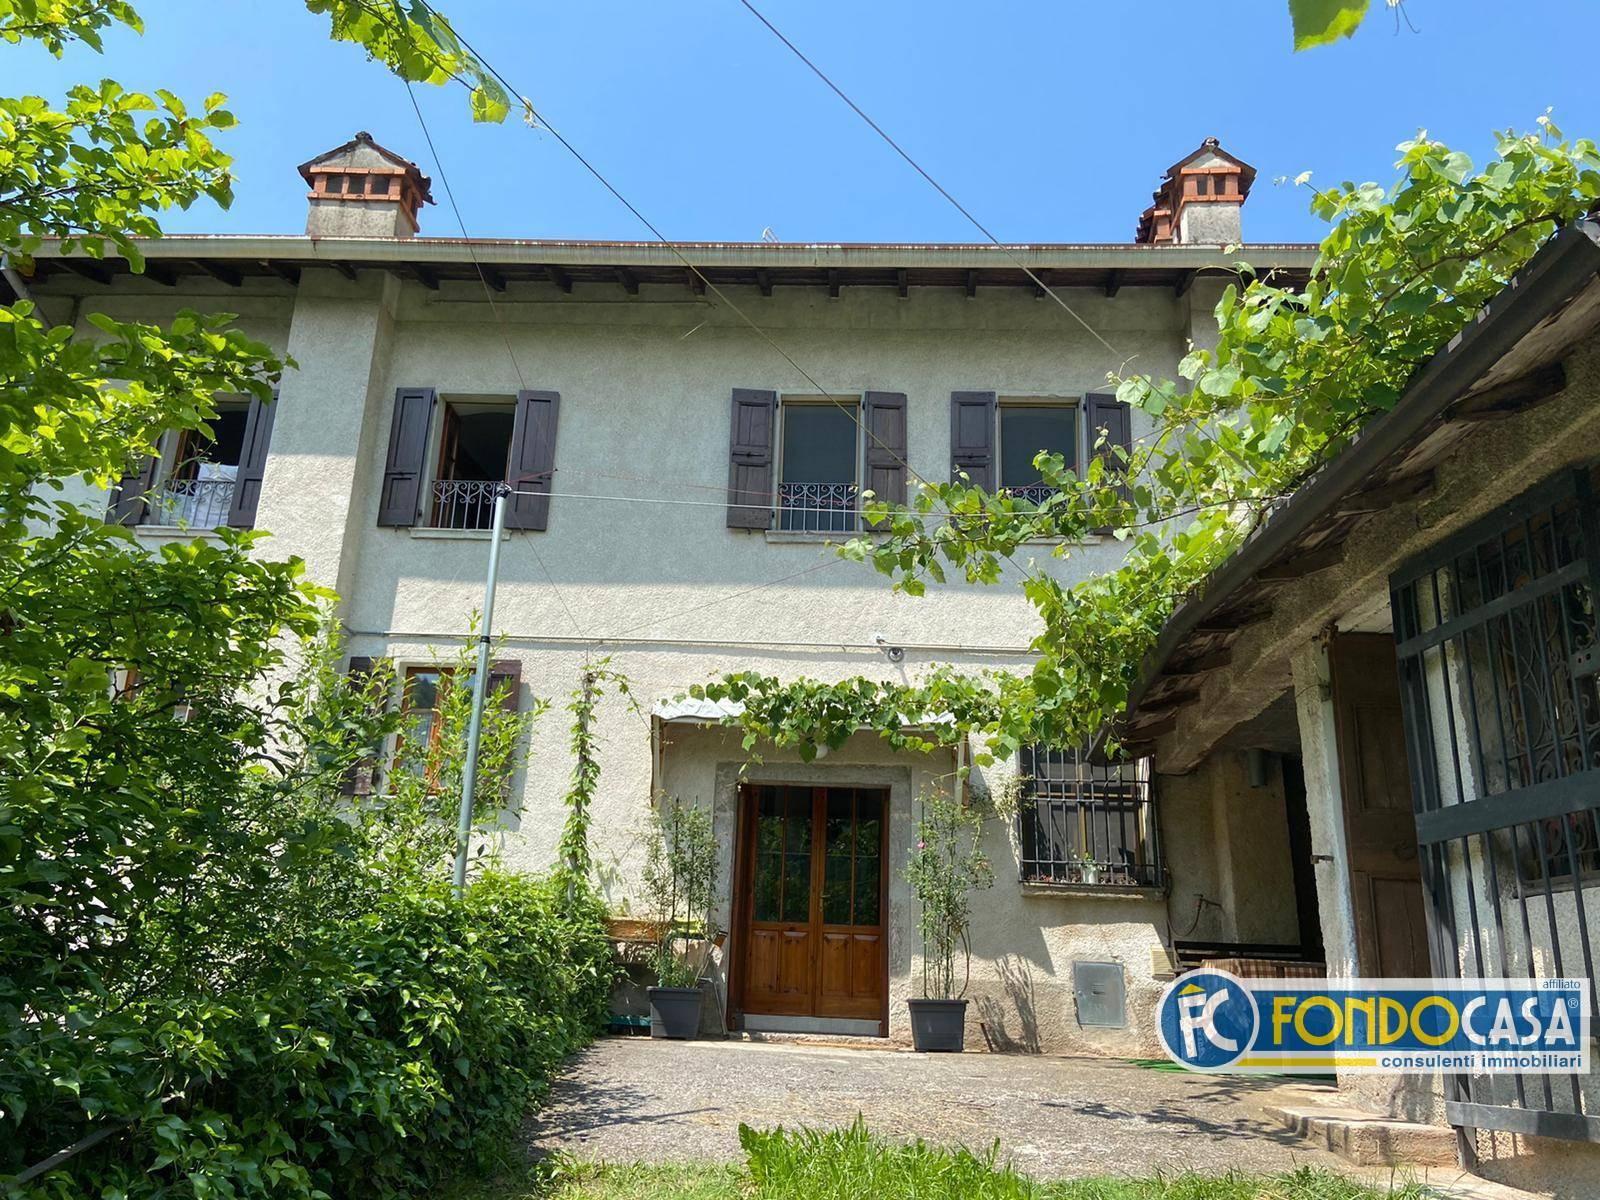 Rustico / Casale in vendita a Pezzaze, 3 locali, prezzo € 86.500 | CambioCasa.it